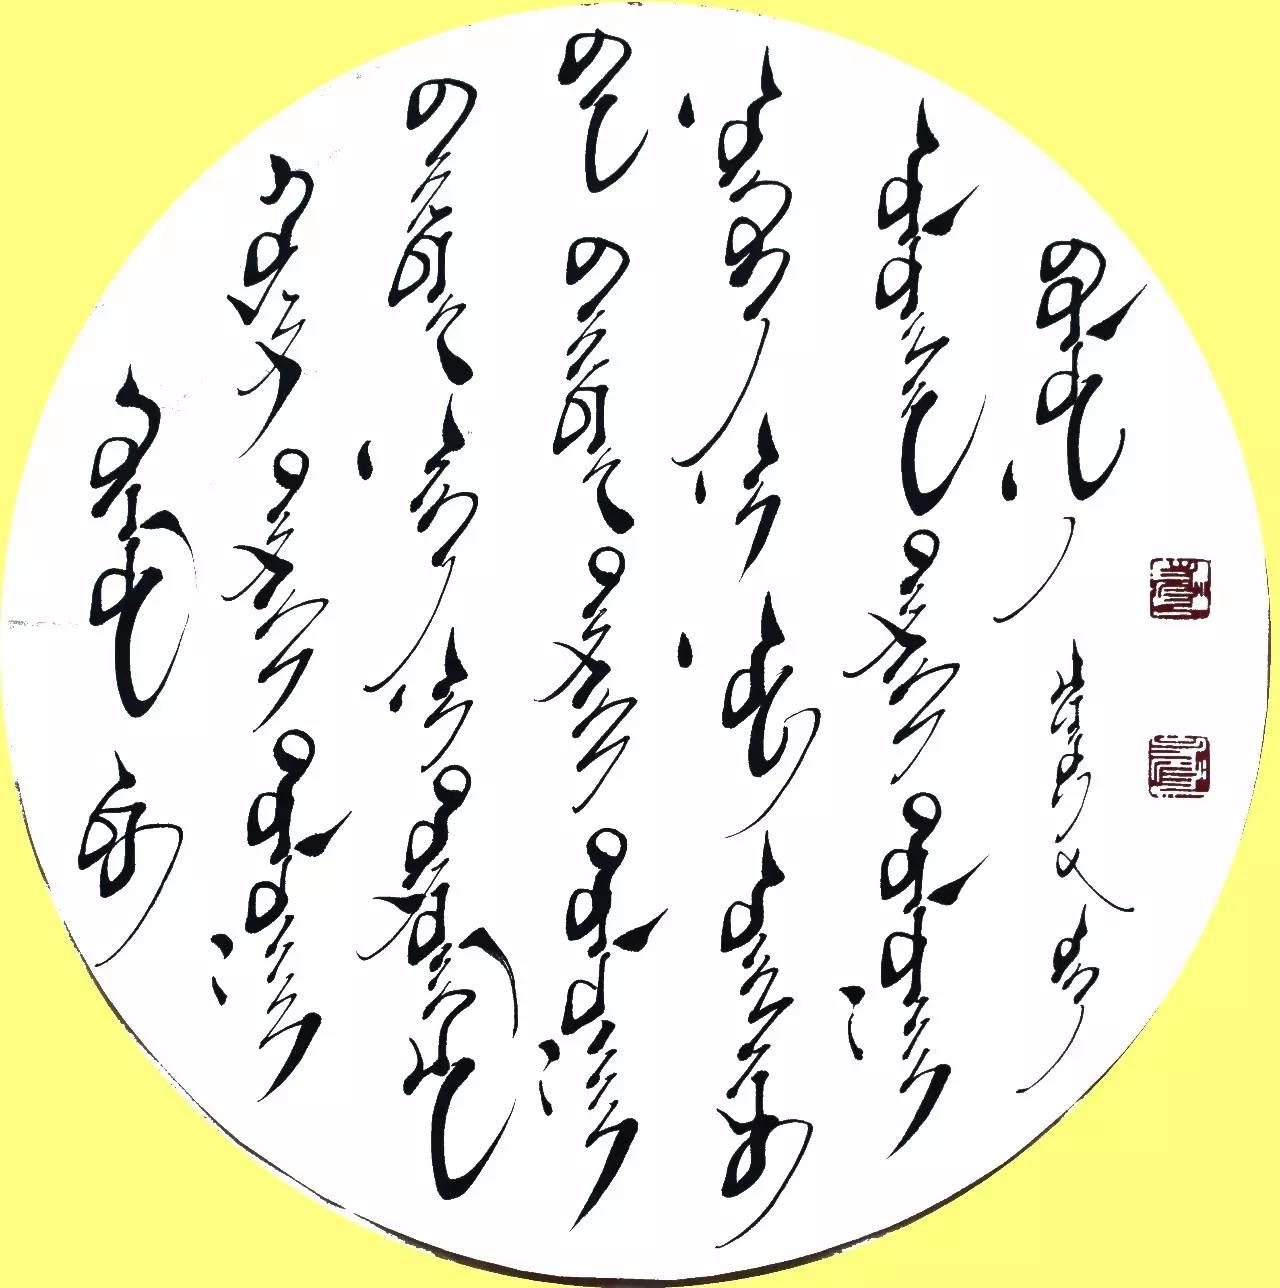 海山蒙古文书法作品欣赏 第7张